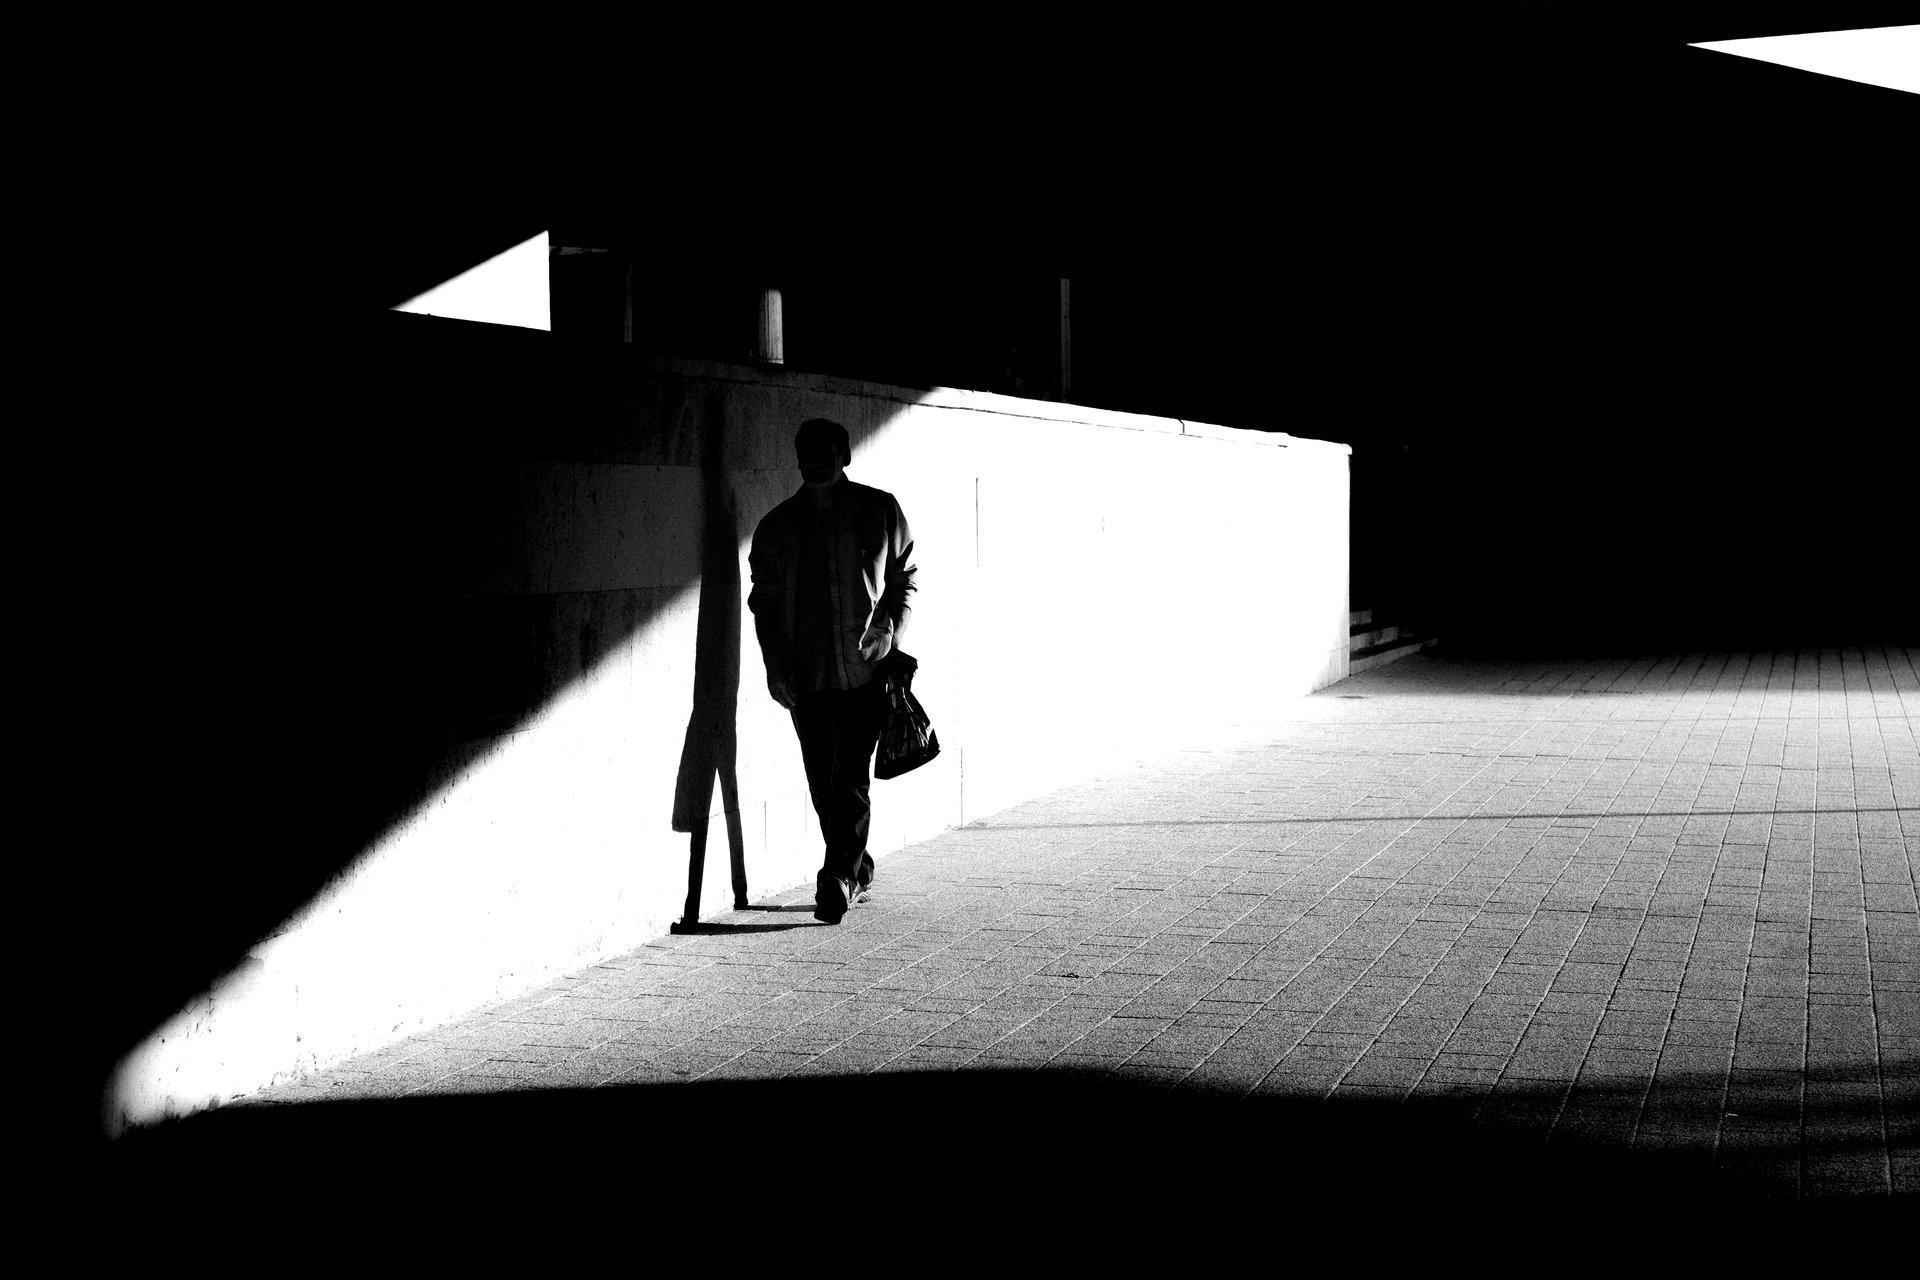 Безликият гражданин | Author Cvetan Georgiev - dj_ceci | PHOTO FORUM